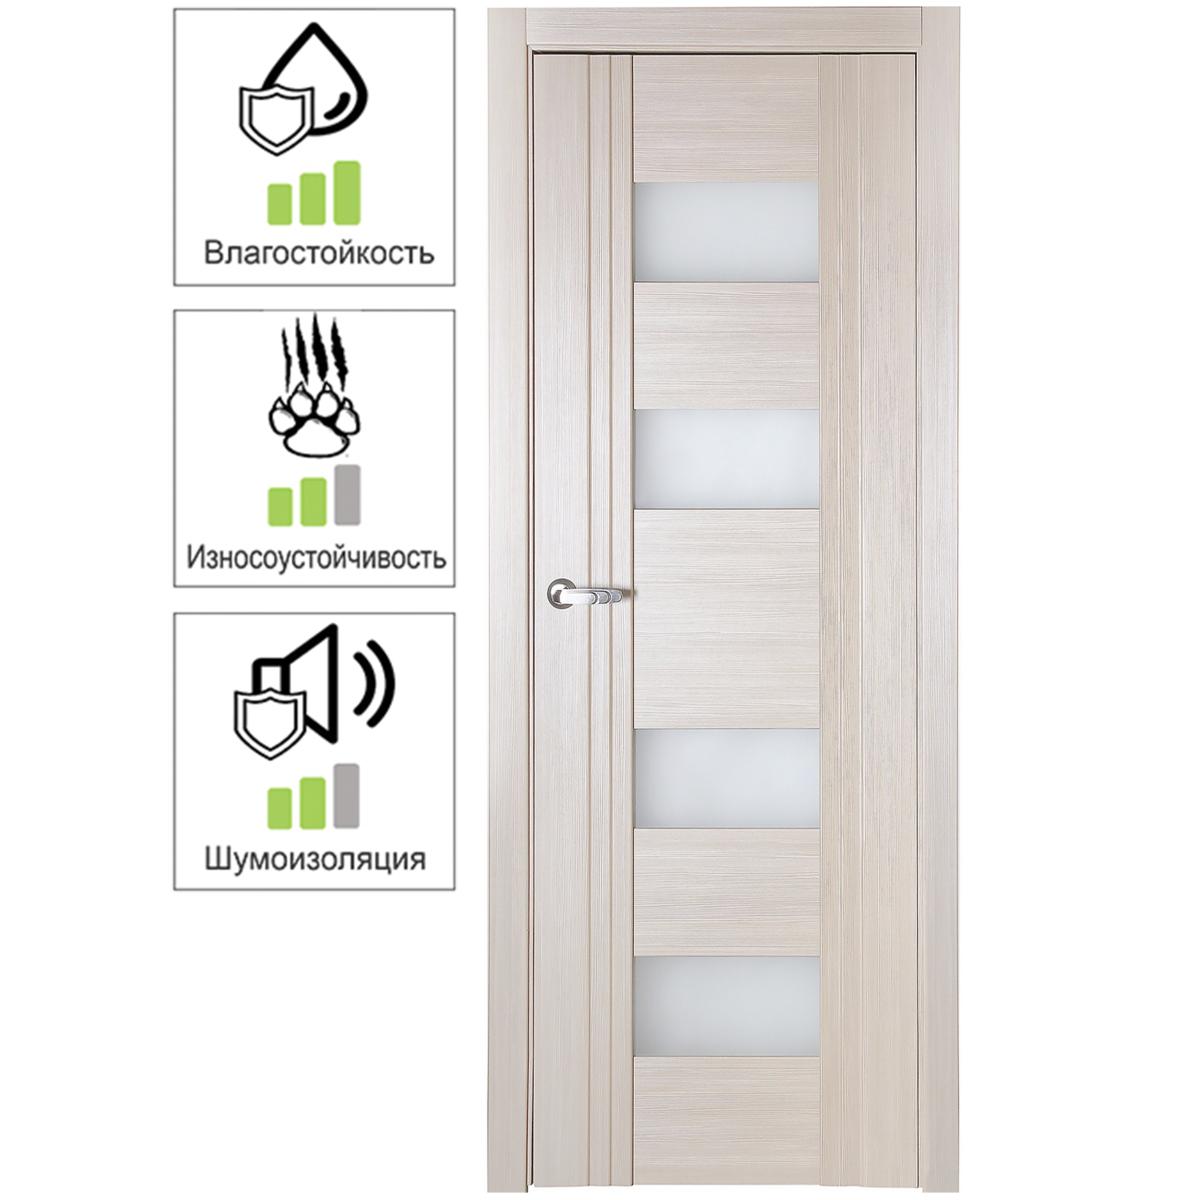 Дверь межкомнатная остеклённая с замком в комплекте Селект 70x200 см